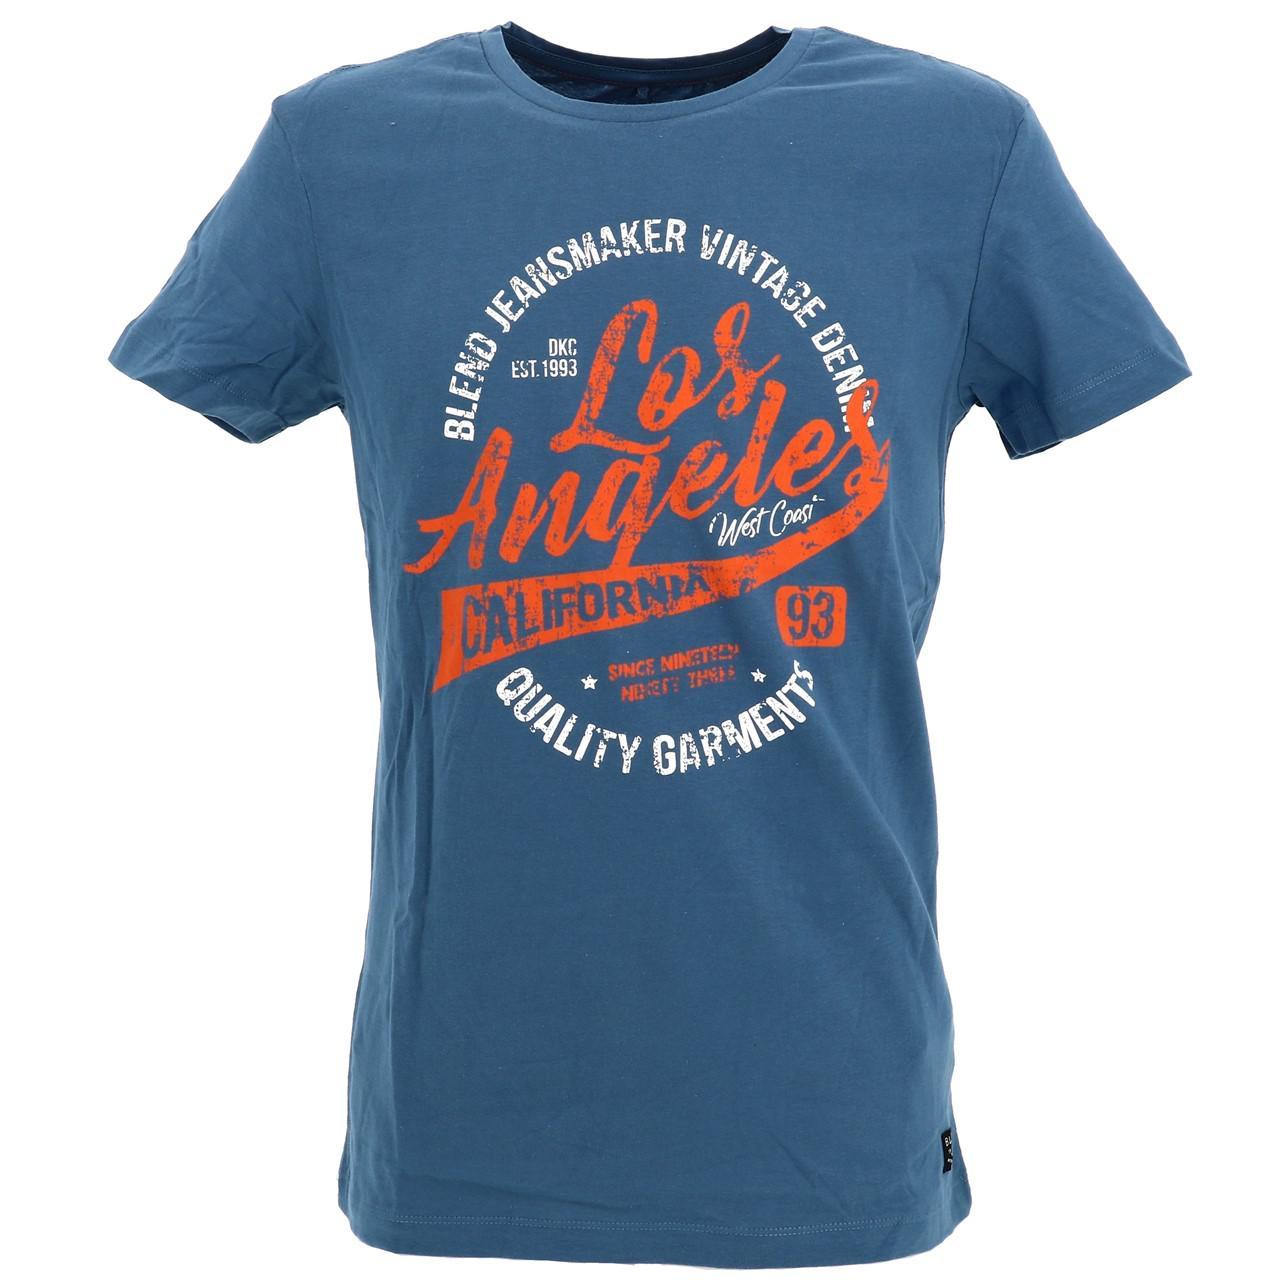 Short-Sleeve-T-Shirt-Blend-Angel-Coronet-Blue-Mc-Tee-Blue-18047-New